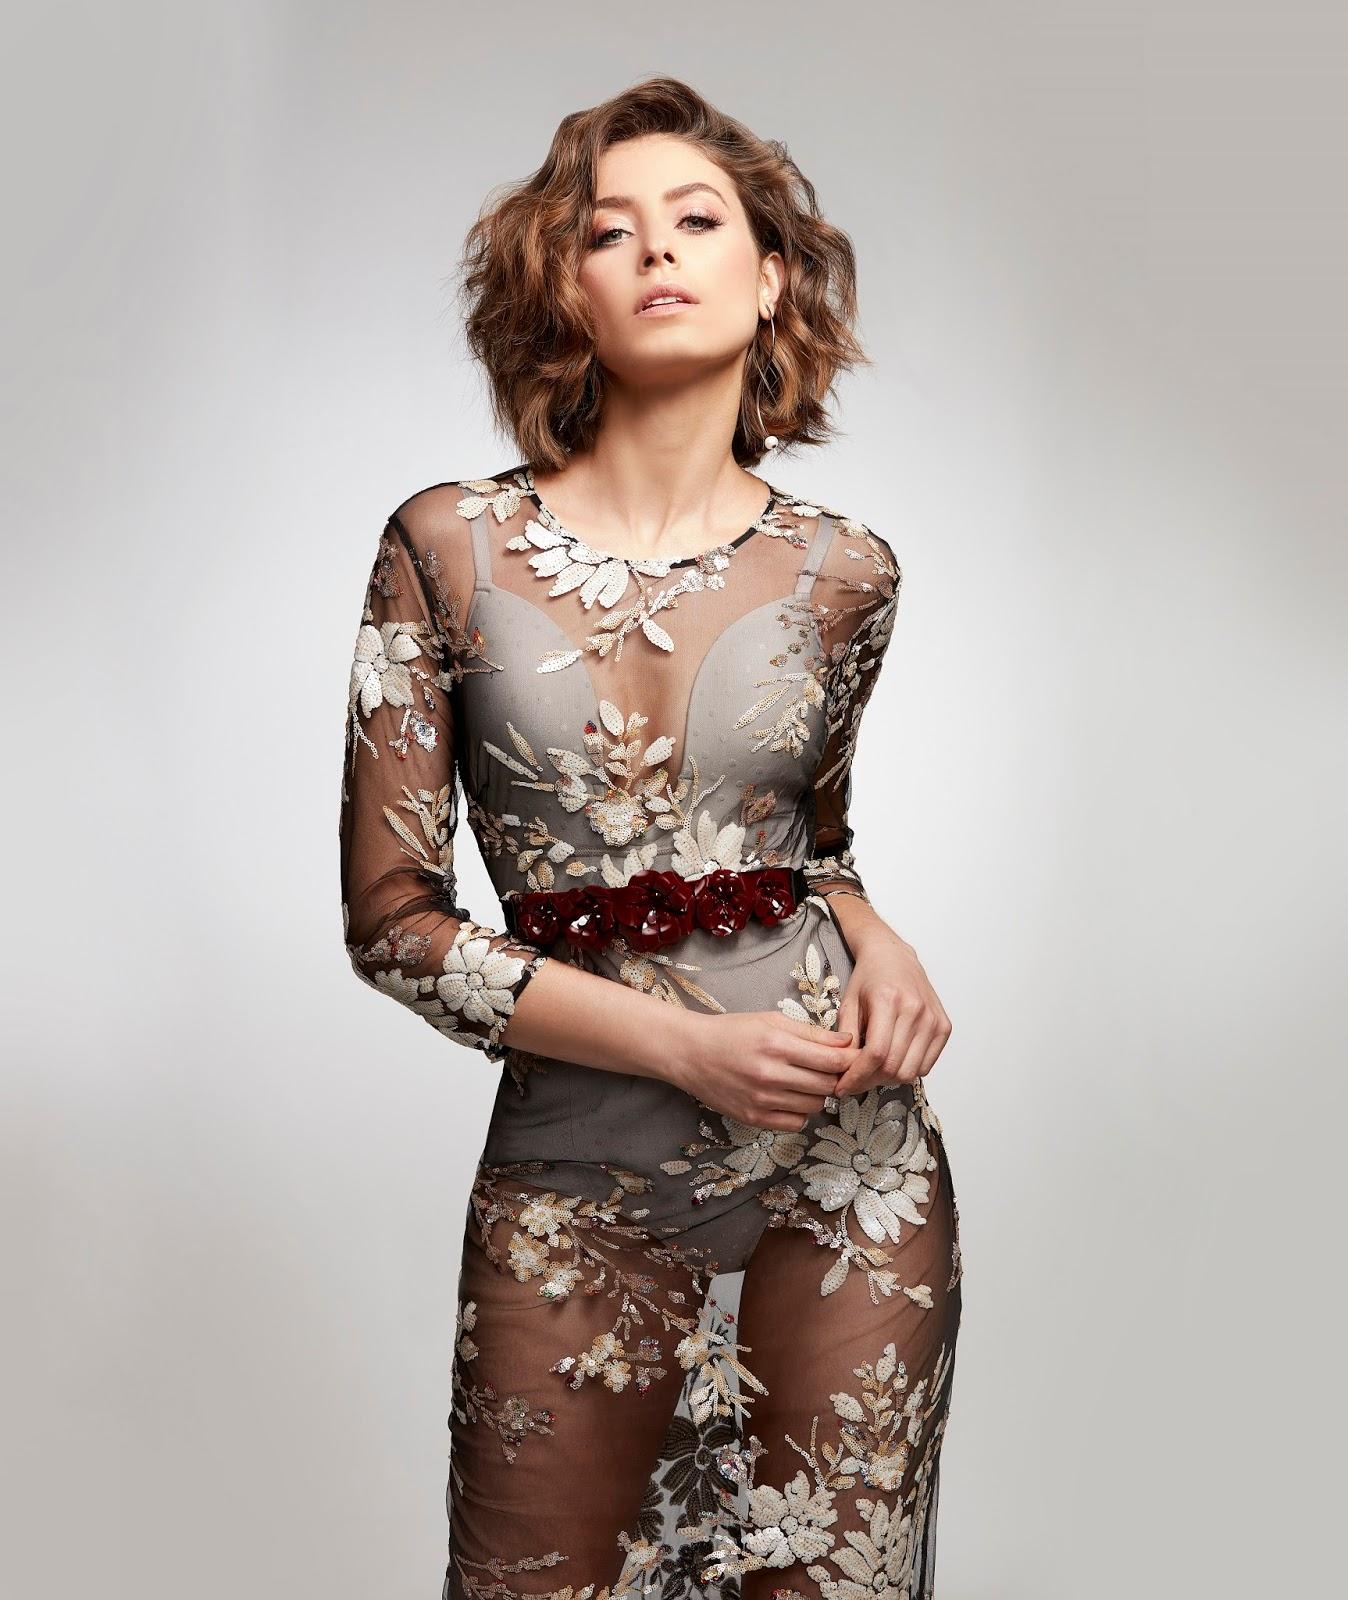 da3ebd555 Reconhecida no mercado de lingeries por suas peças modeladoras extremamente  confortáveis